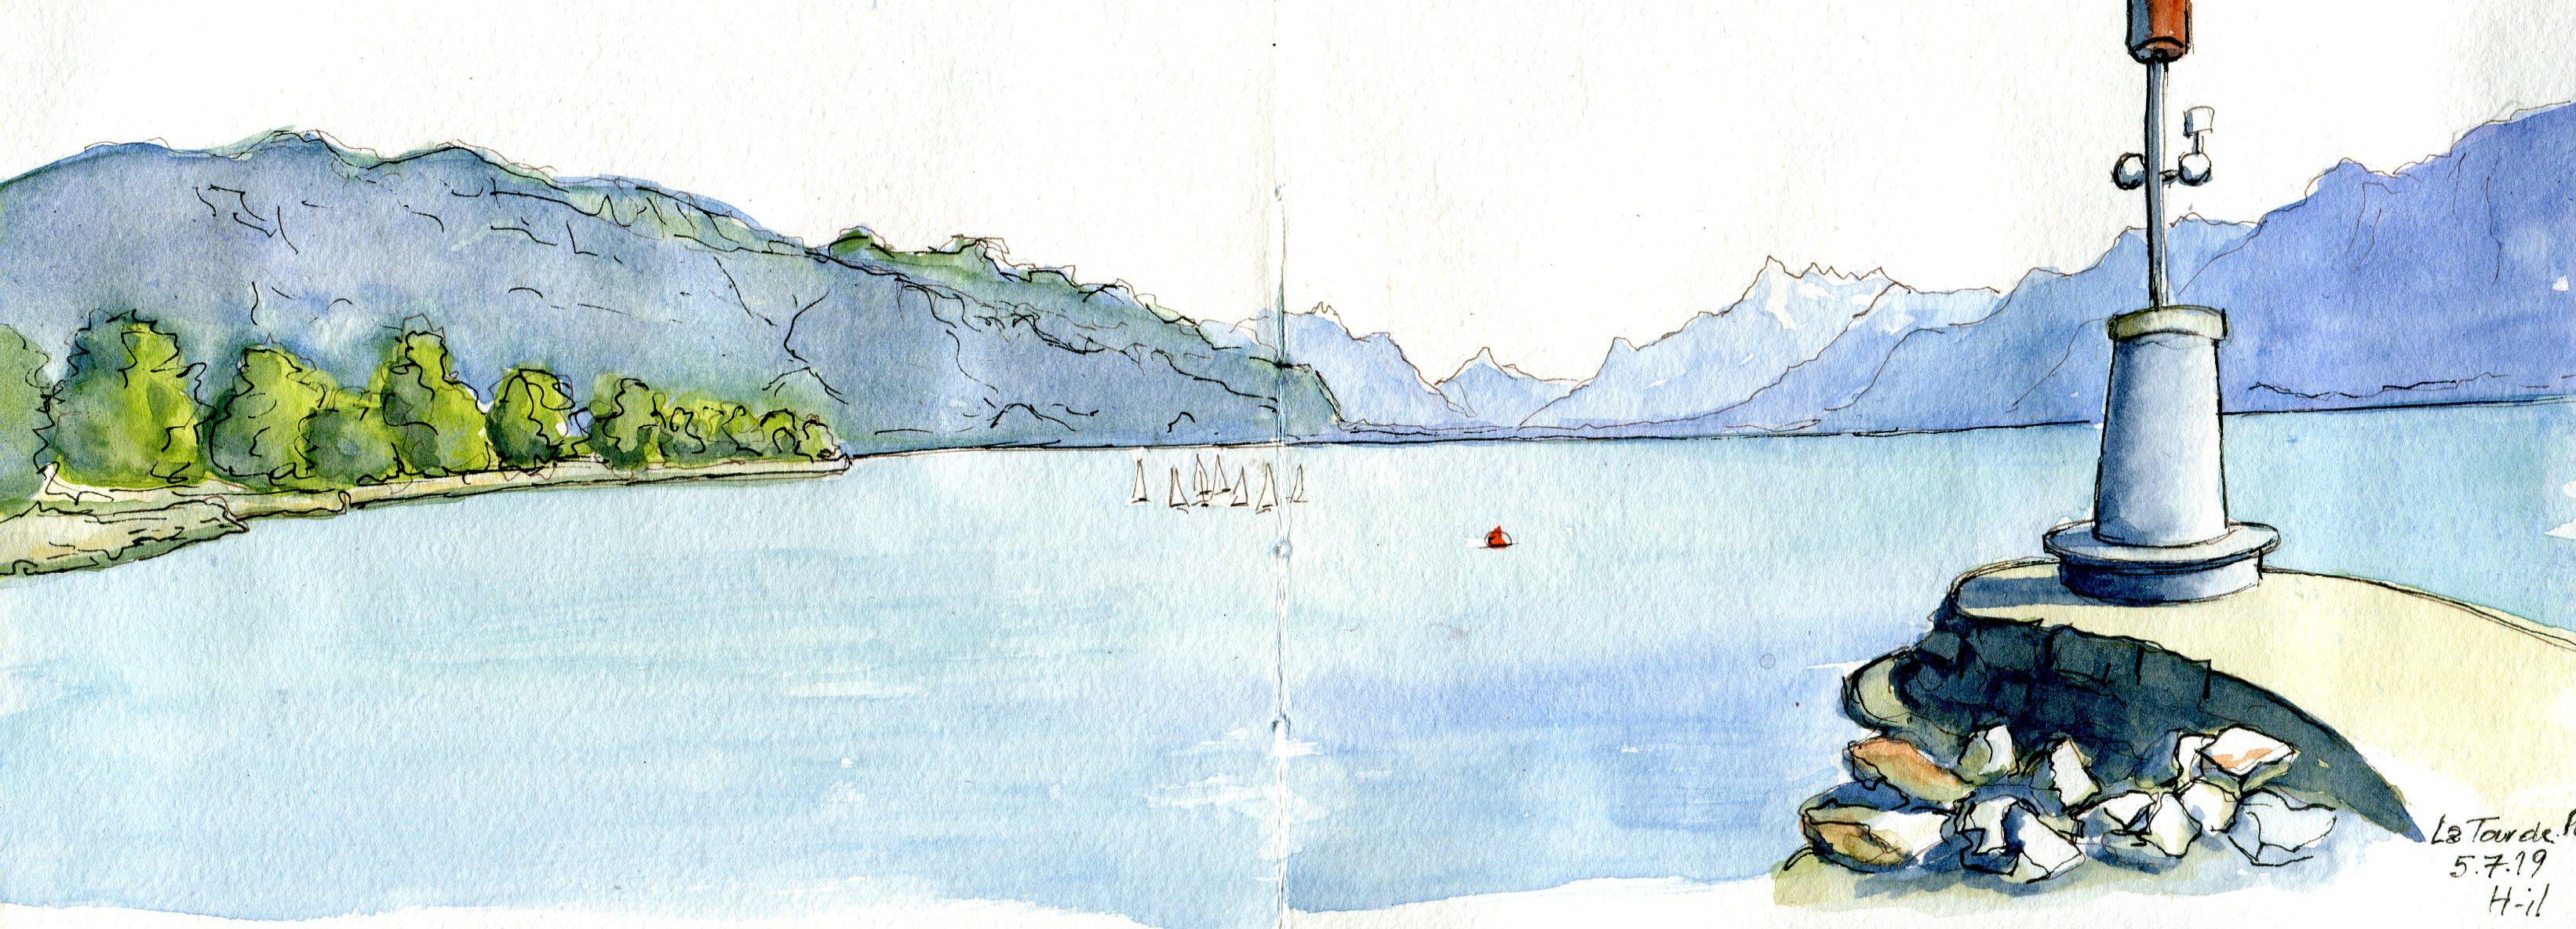 Port de La Tour-de-Peilz